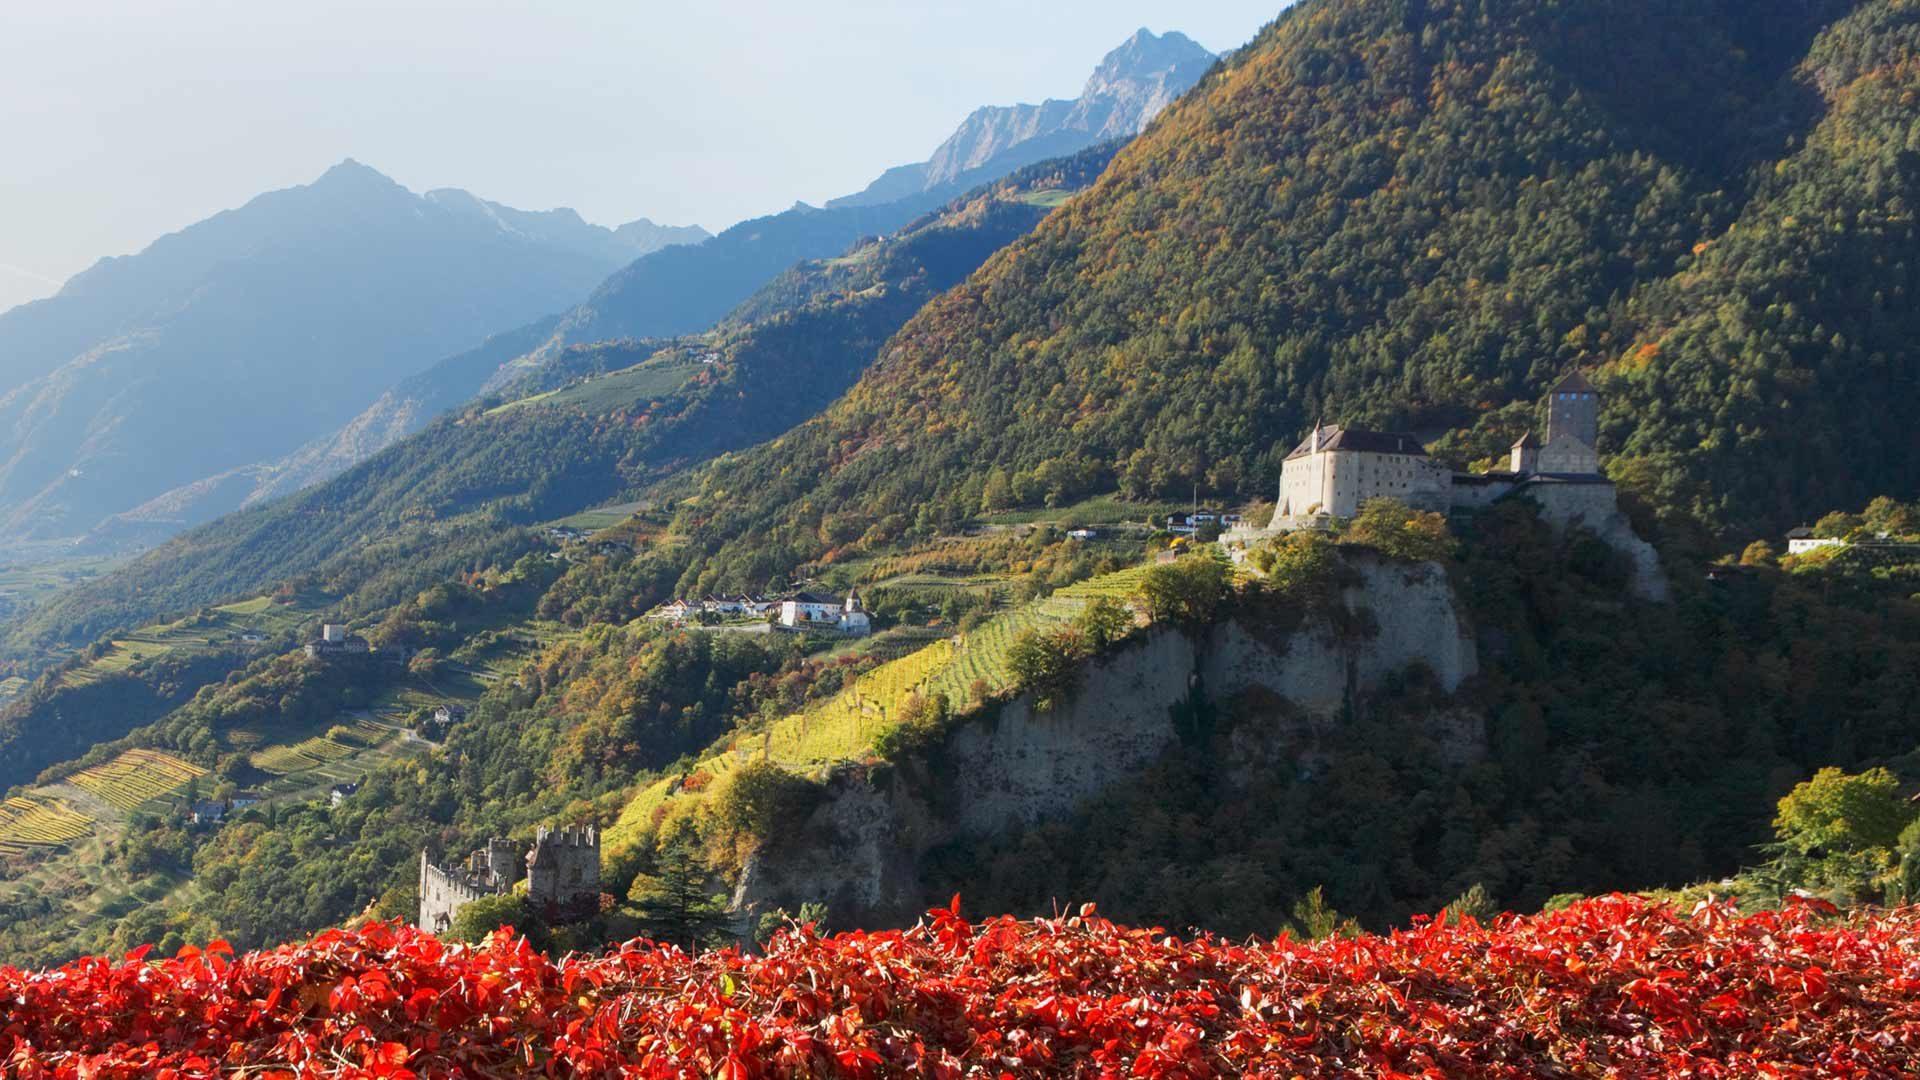 Herbsturlaub - Schloss Tirol